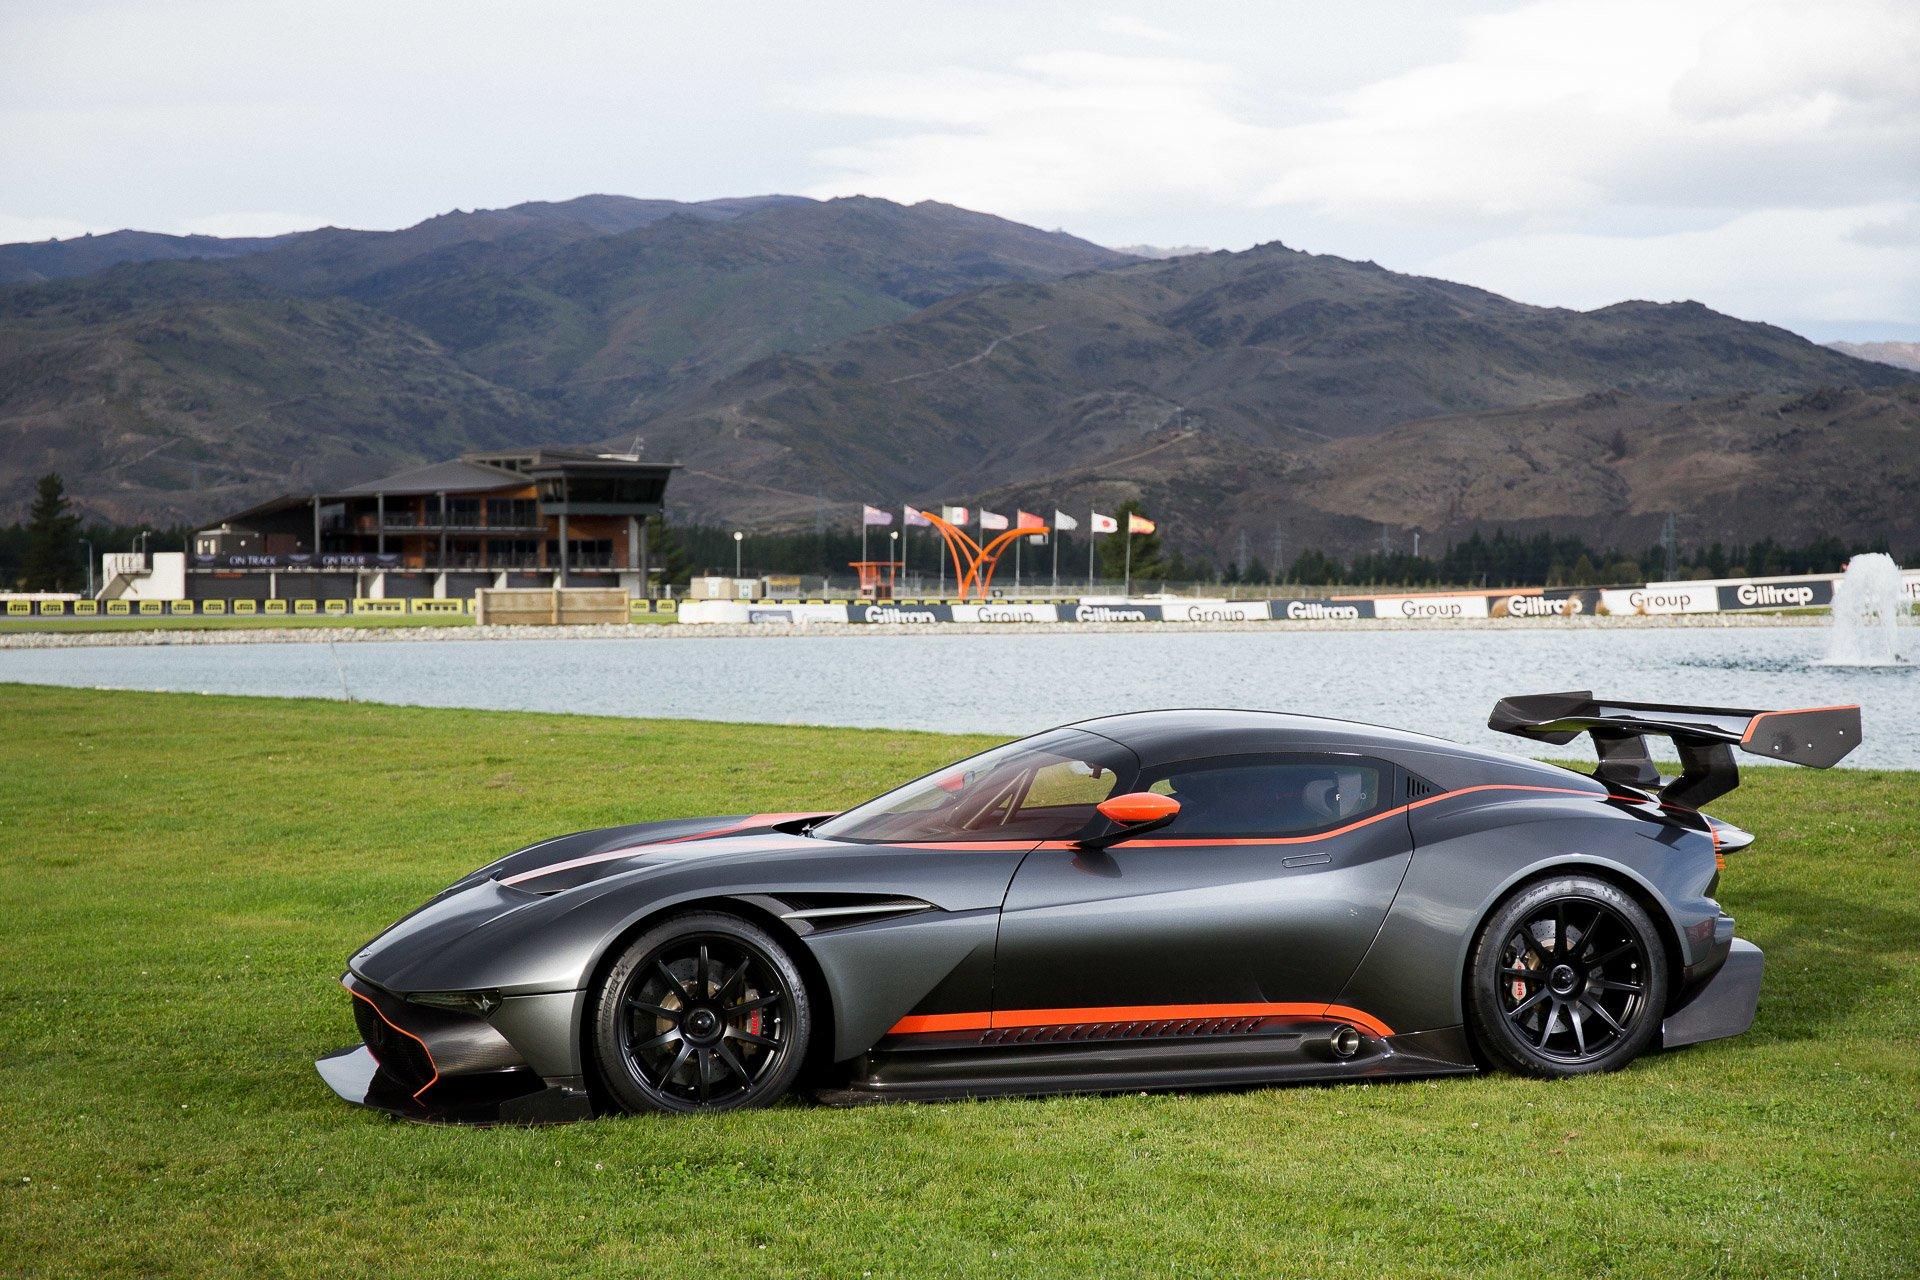 Транспортные Средства - Aston Martin Vulcan  Aston Martin Supercar Гоночные Автомобили Обои